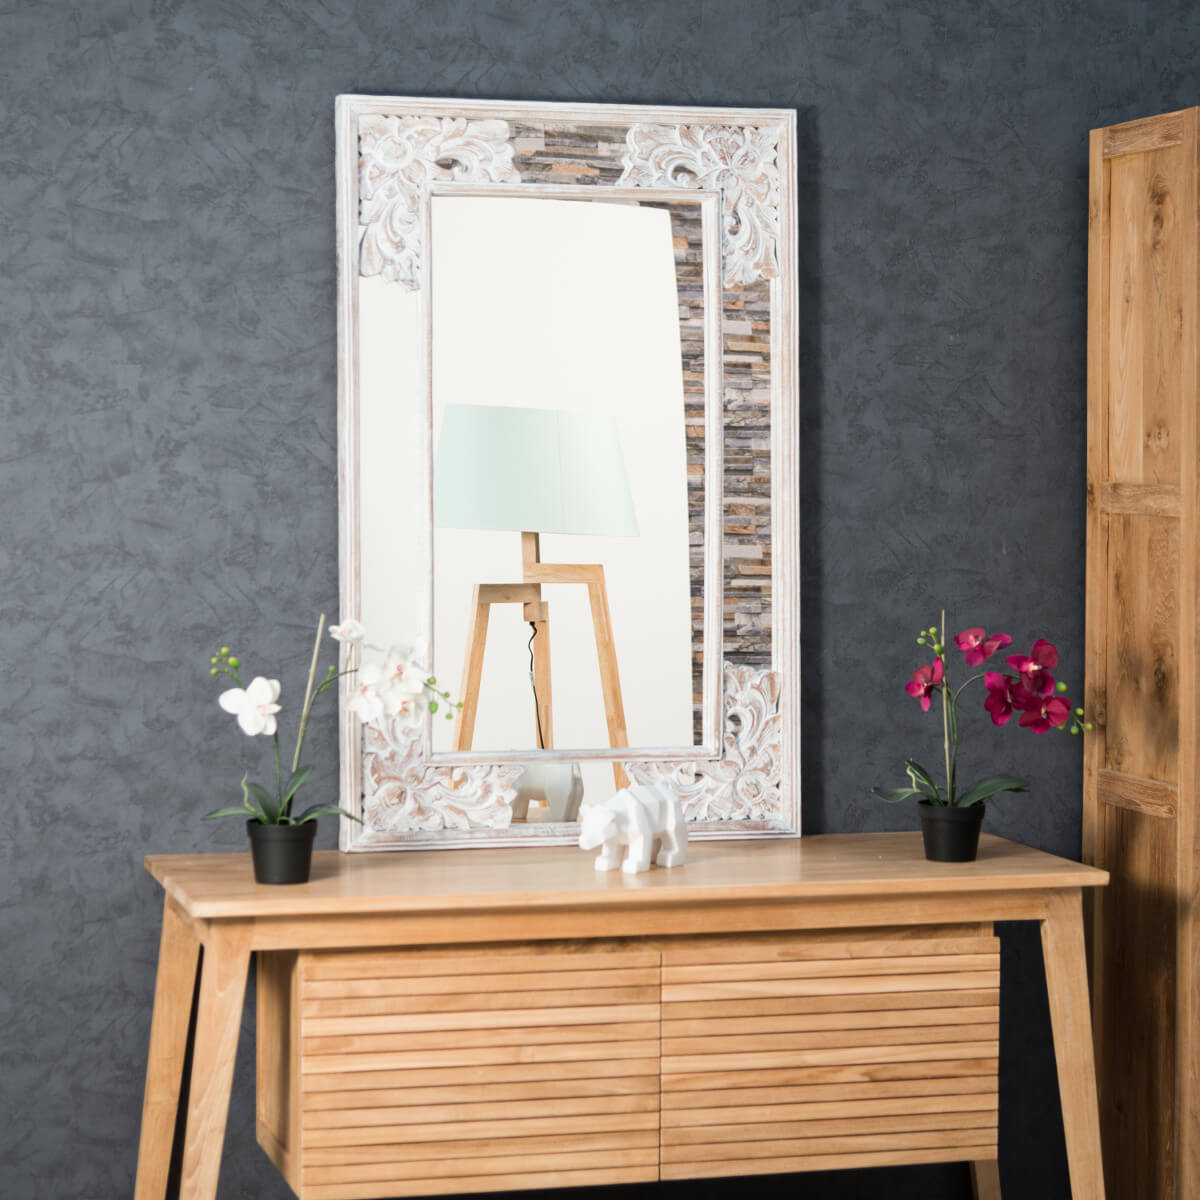 Miroir de d coration en bois massif mathilde carr for Miroir bois ceruse